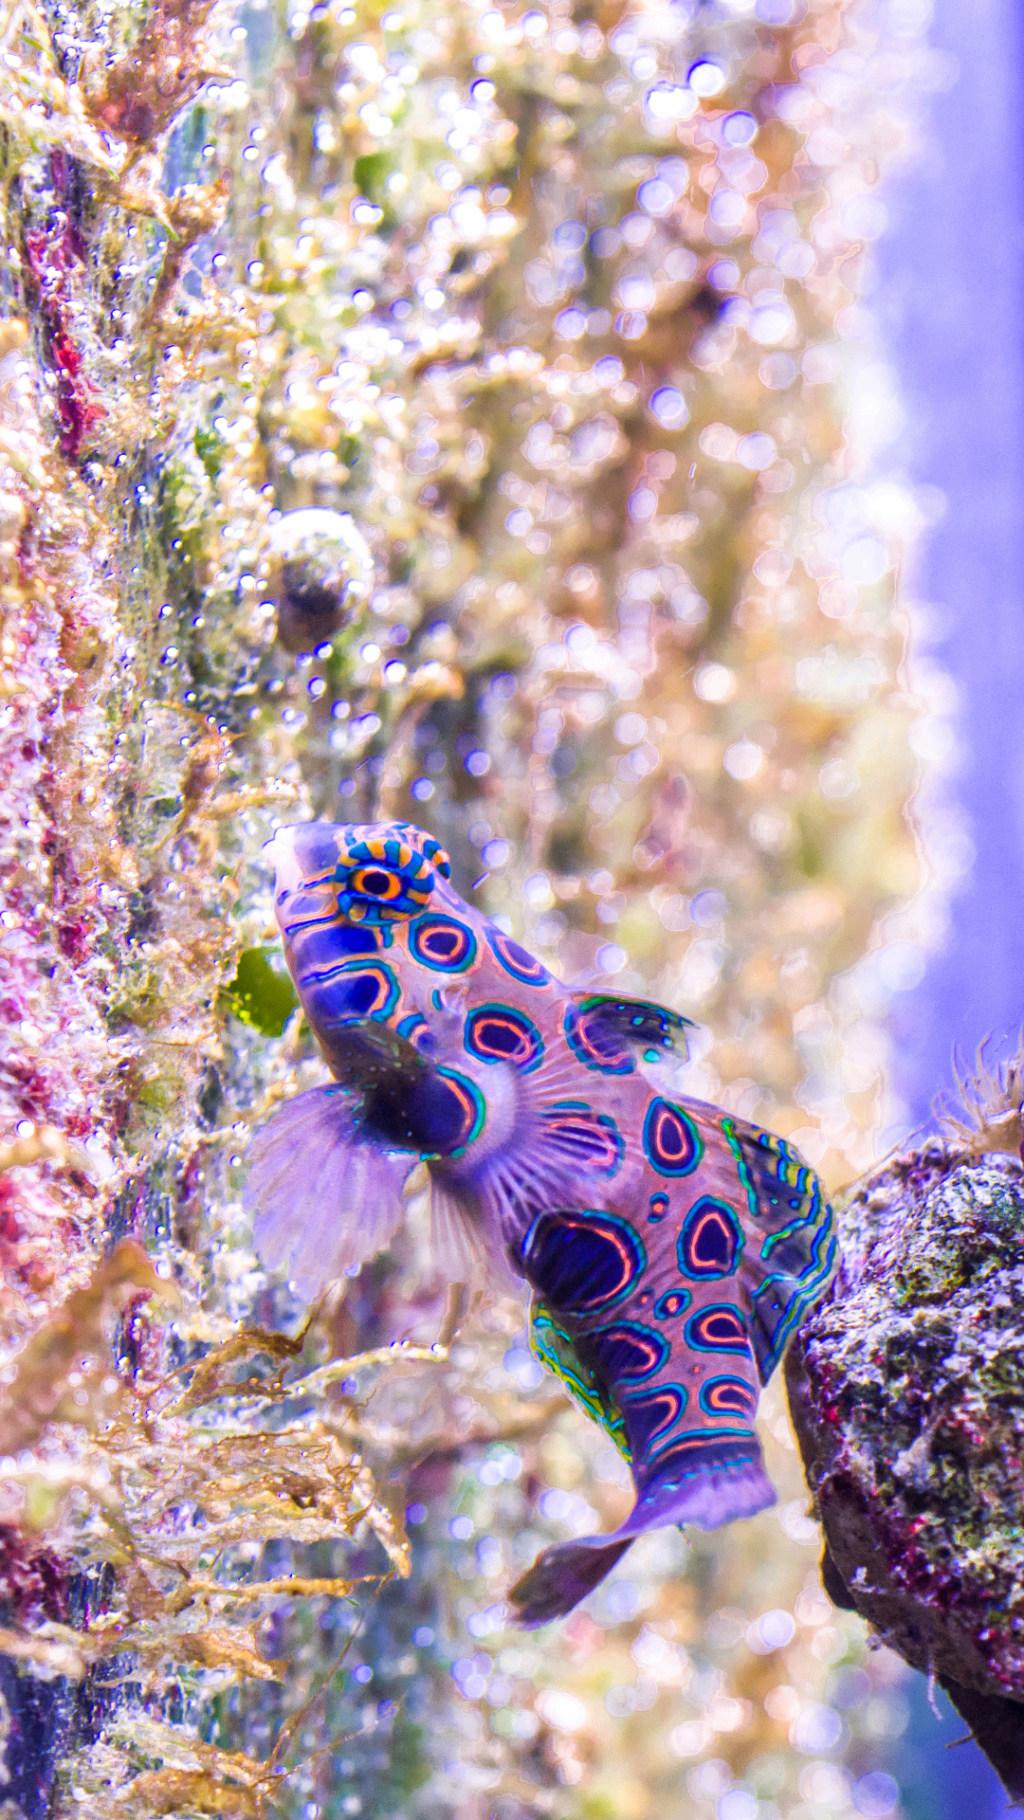 Aquarium Nausicaa Dsc_4138